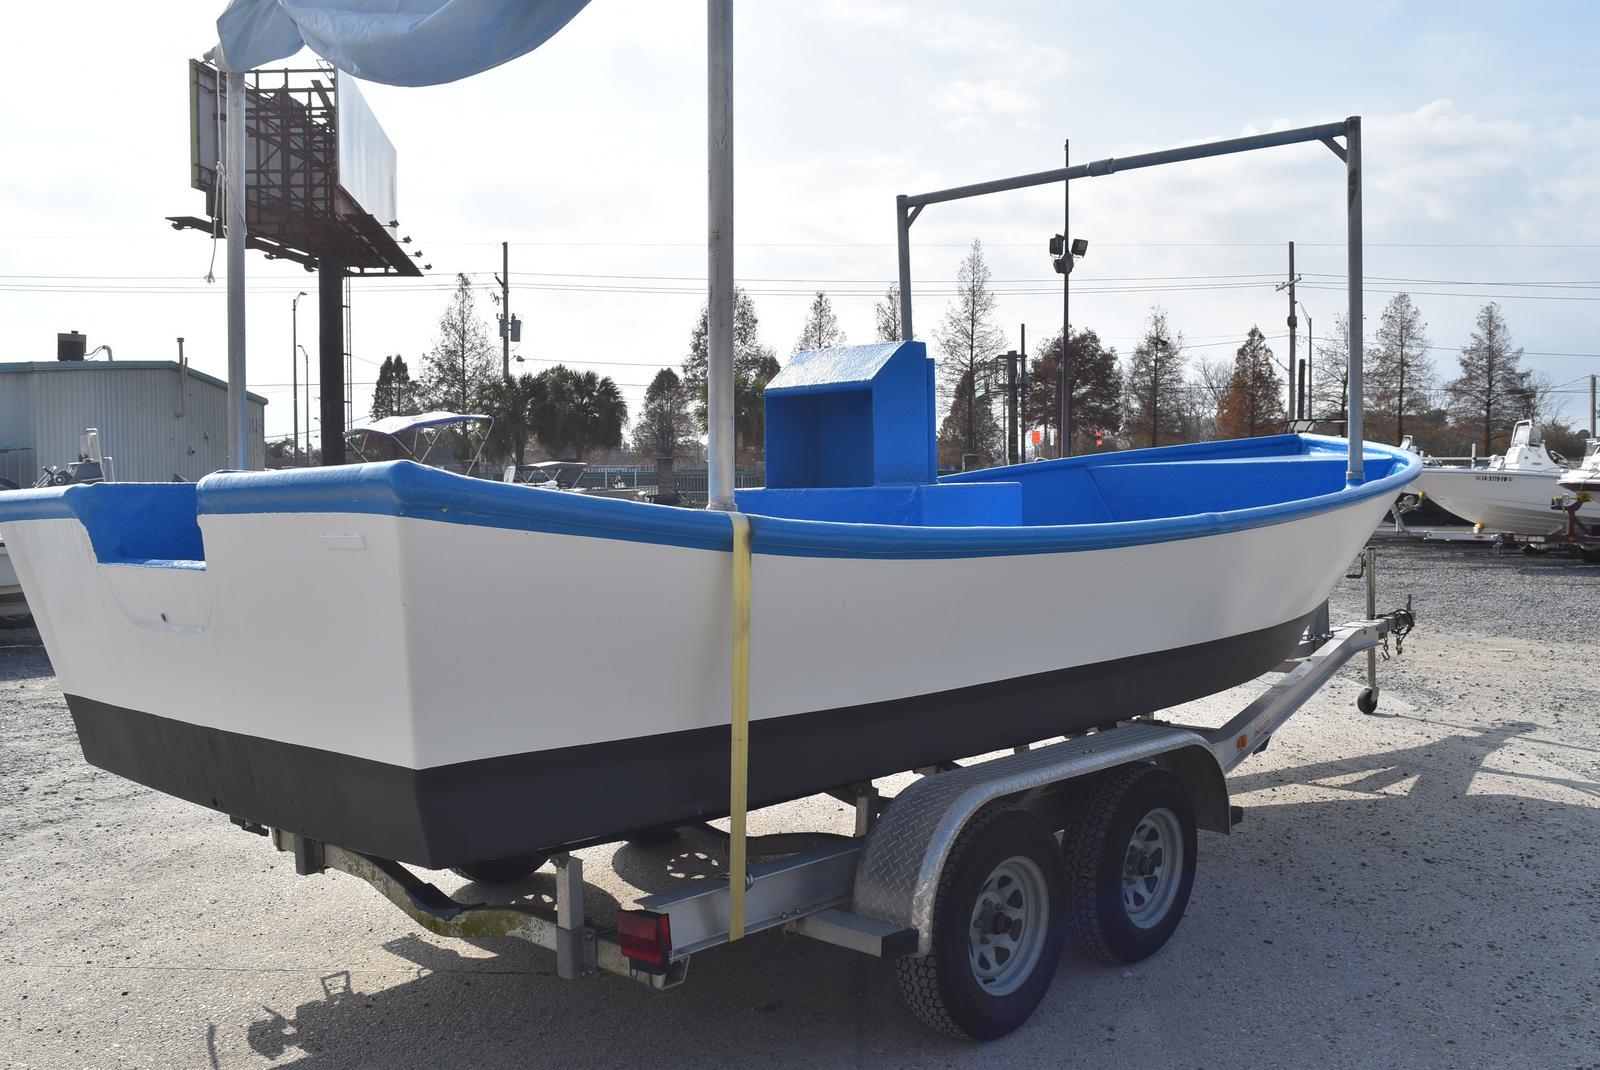 1998 Terrebonne boat for sale, model of the boat is Terrebonne Skiff 22 & Image # 9 of 14